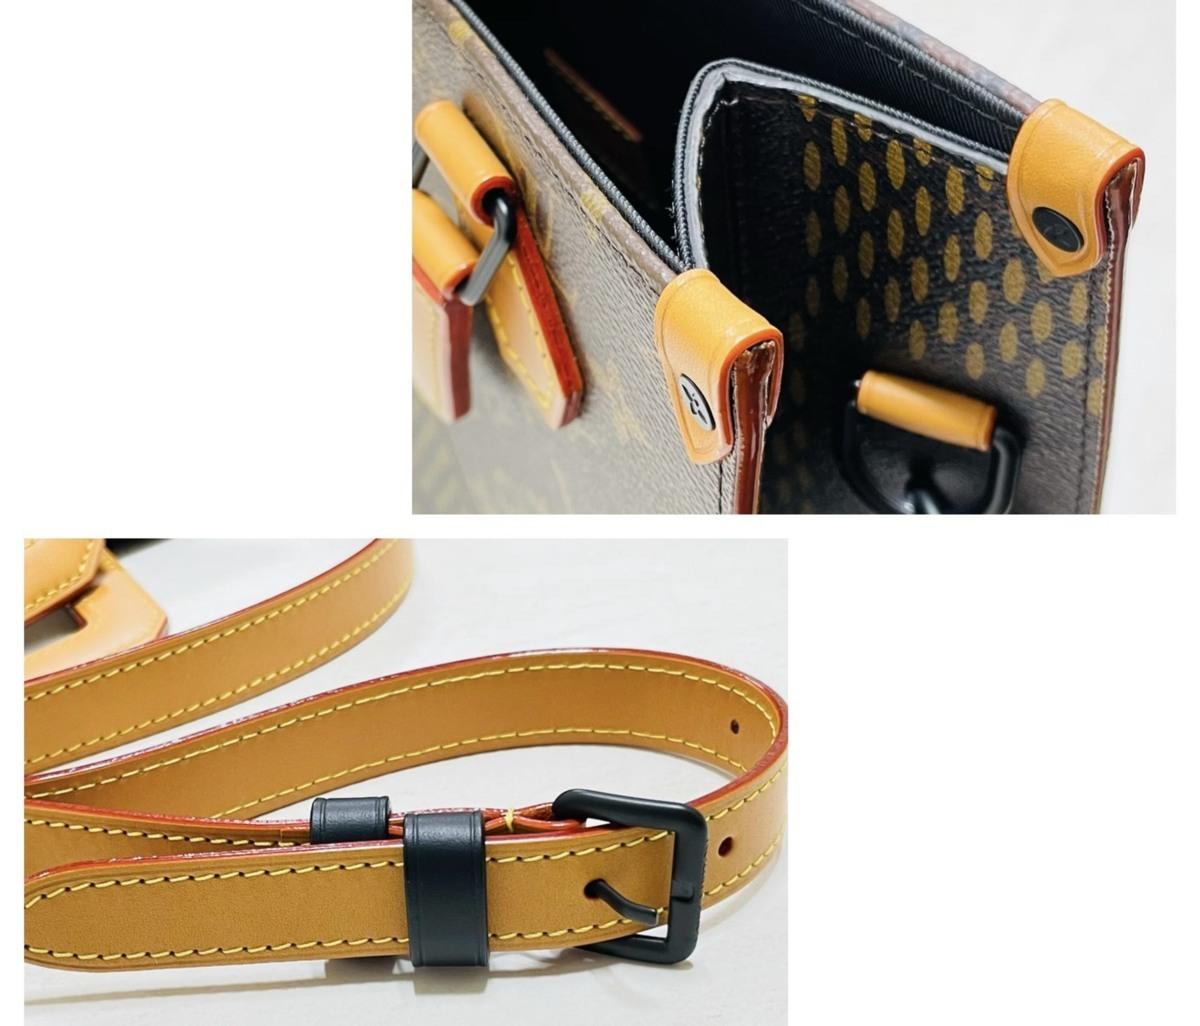 Louis Vuitton ルイヴィトン NIGO コラボ 2way ミニトート ショルダーバッグ ダミエ・エベヌ ジャイアントキャンバス モノグラム N40355_画像6